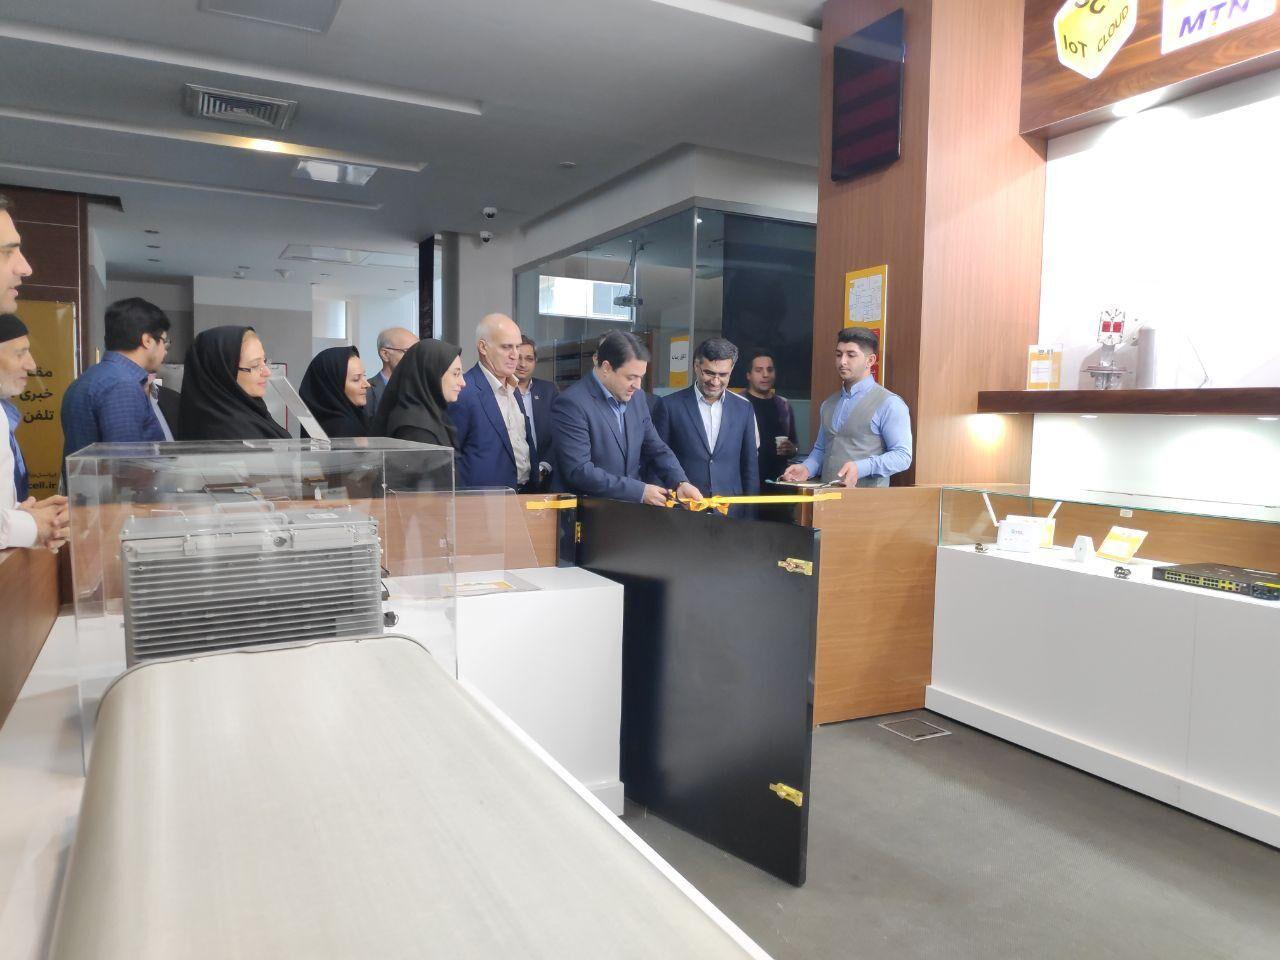 نمایشگاه حمایت از تولیدات داخلی افتتاح شد